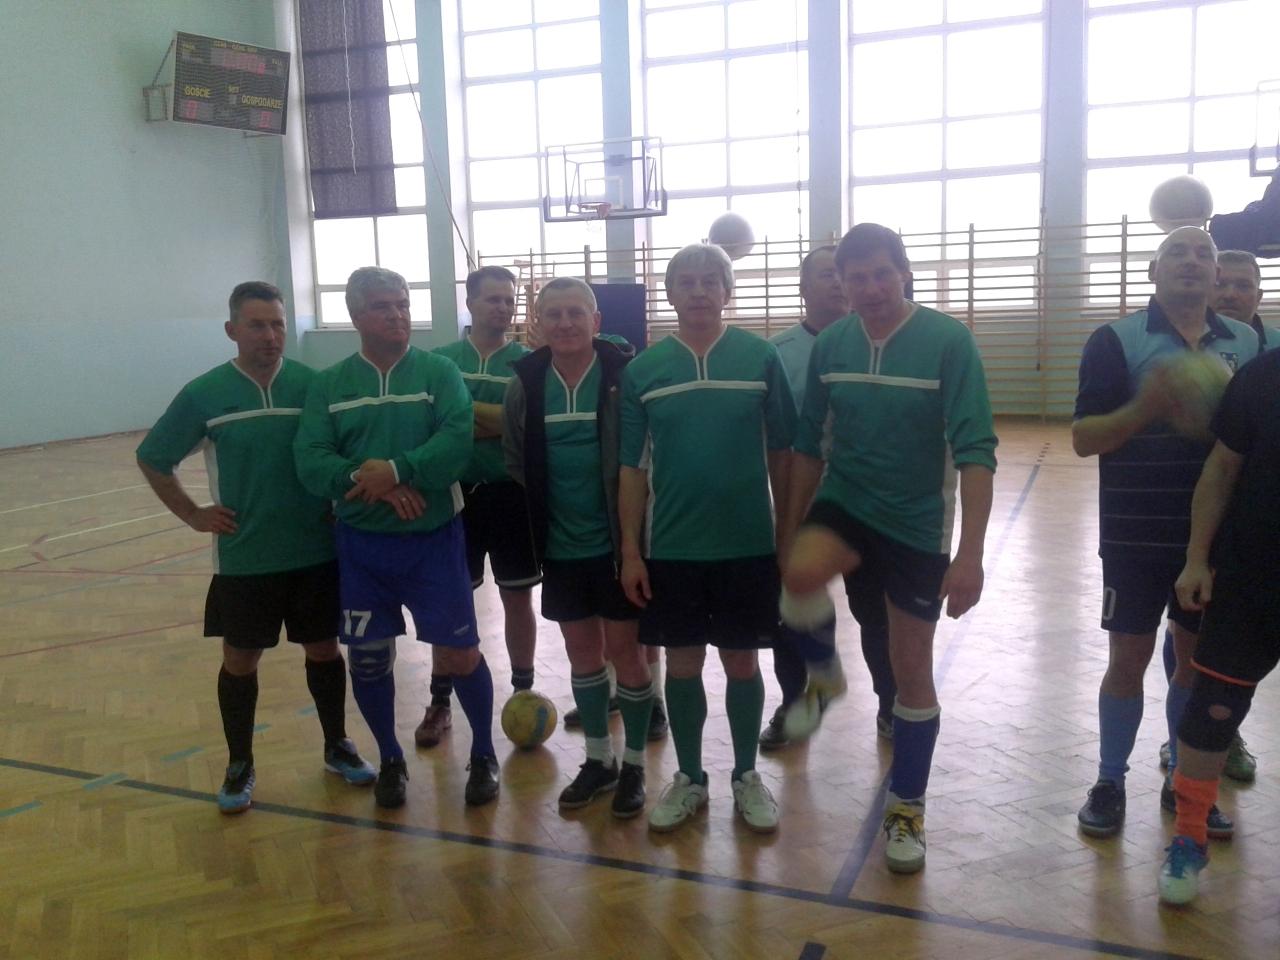 XII Halowy Turniej o Puchar Wójta Gminy Pruszcz - 15 marca 2014